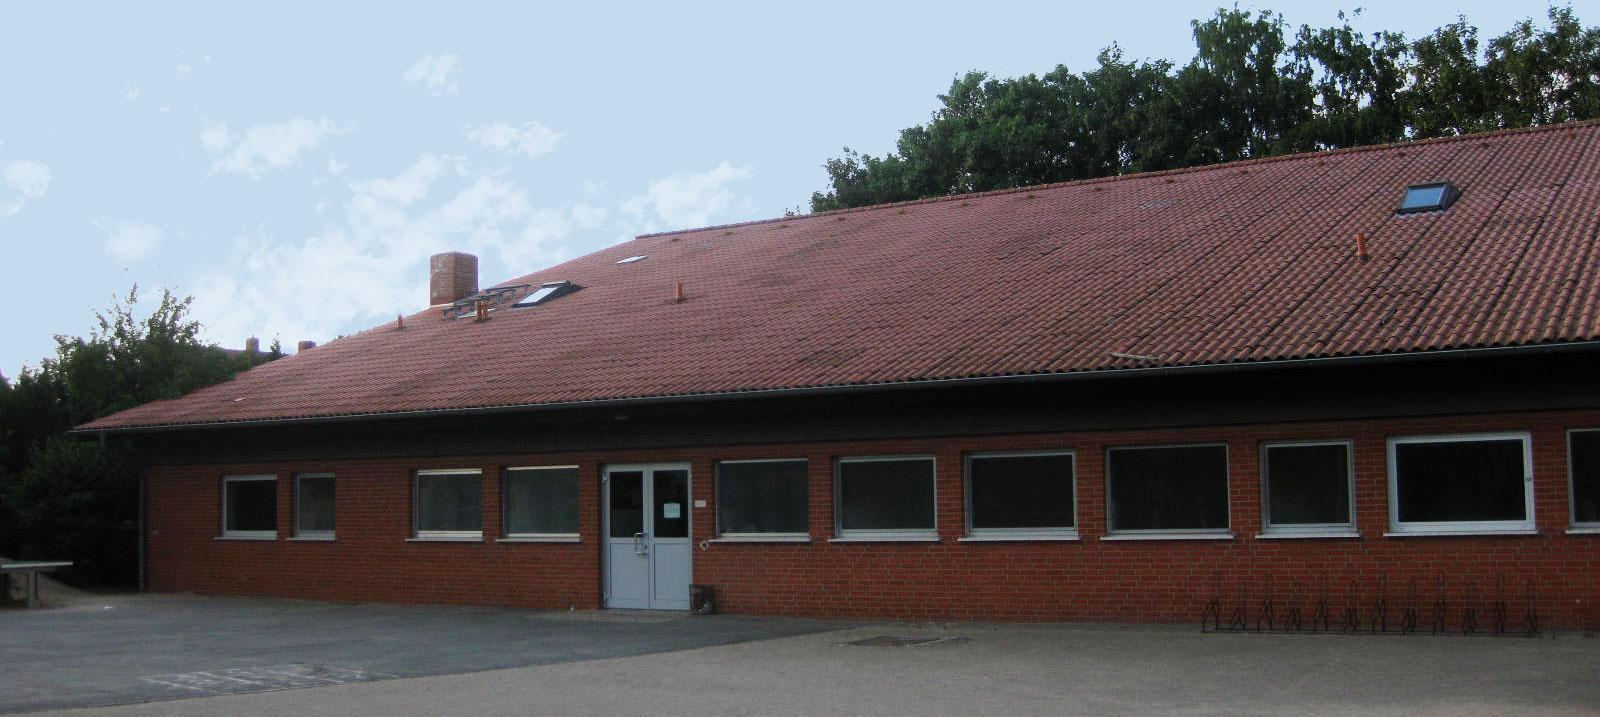 Grundschulhalle Beckedorf